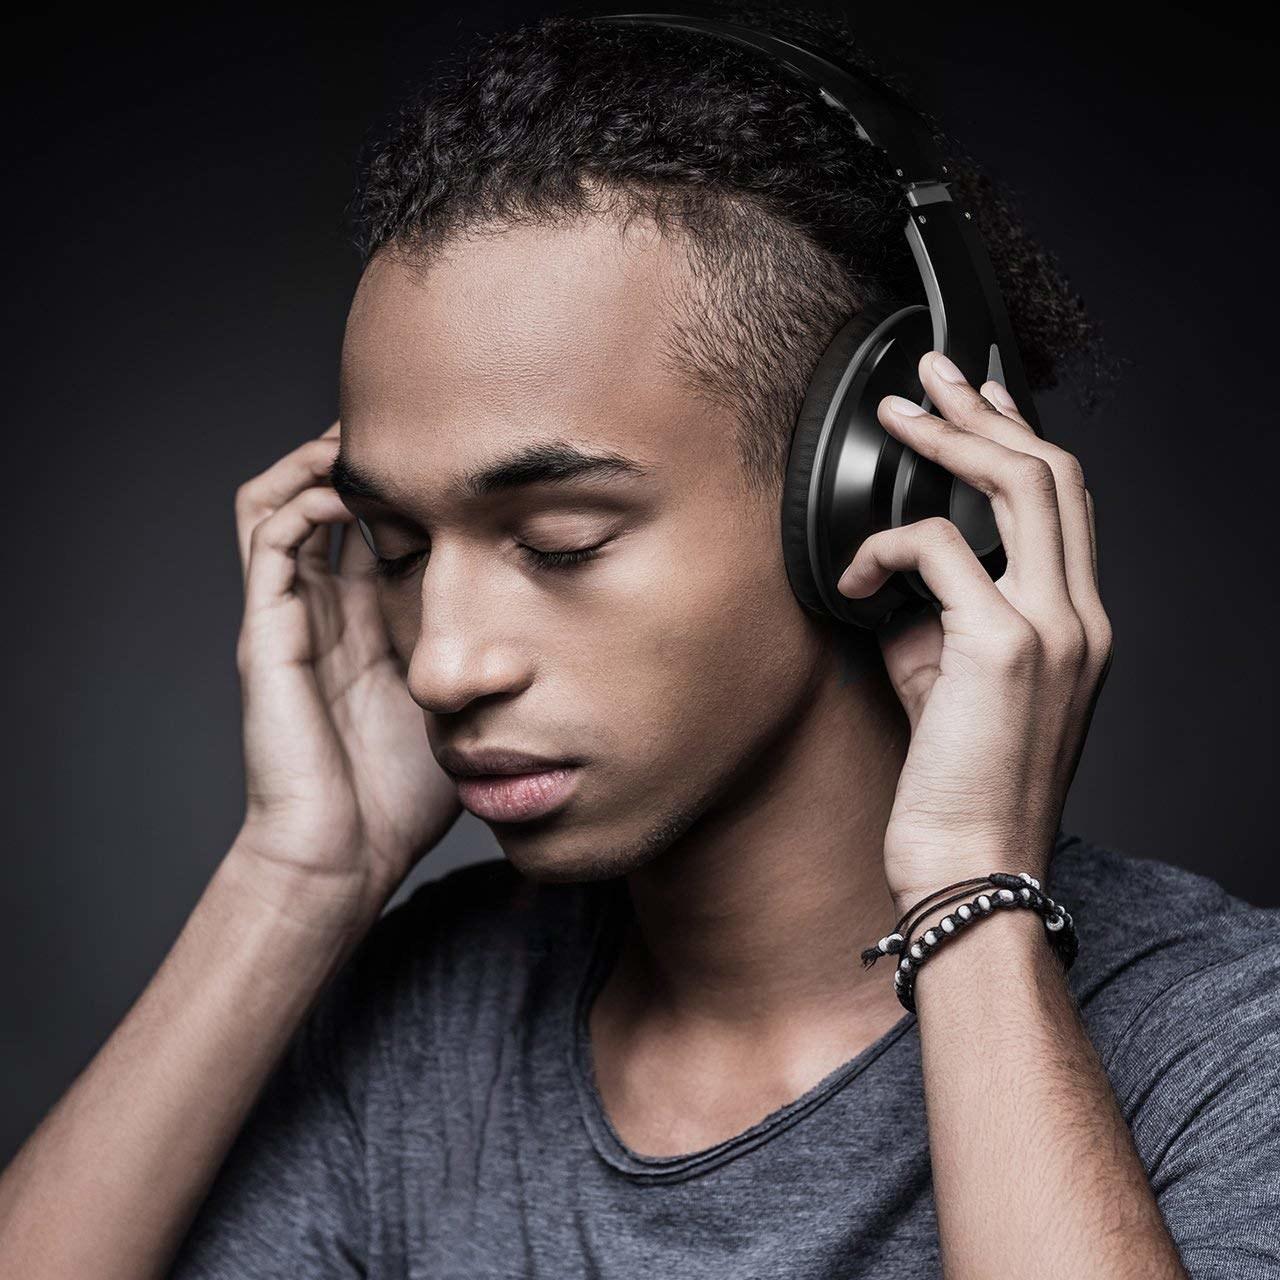 Model wearing the headphones